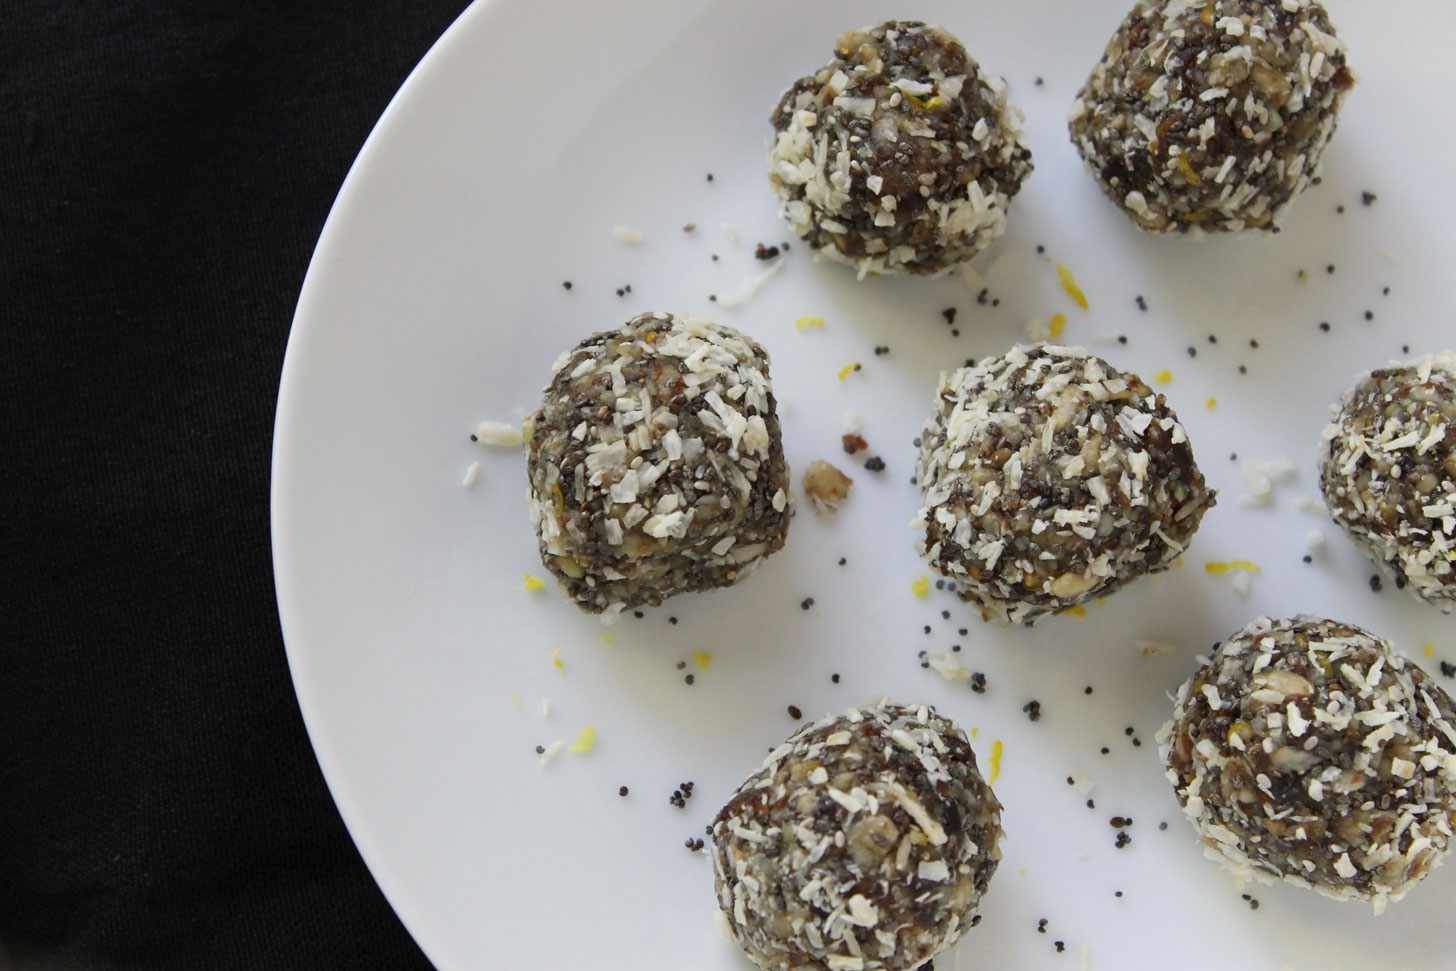 Vegan Lemon Coconut Energy Balls on a white plate.